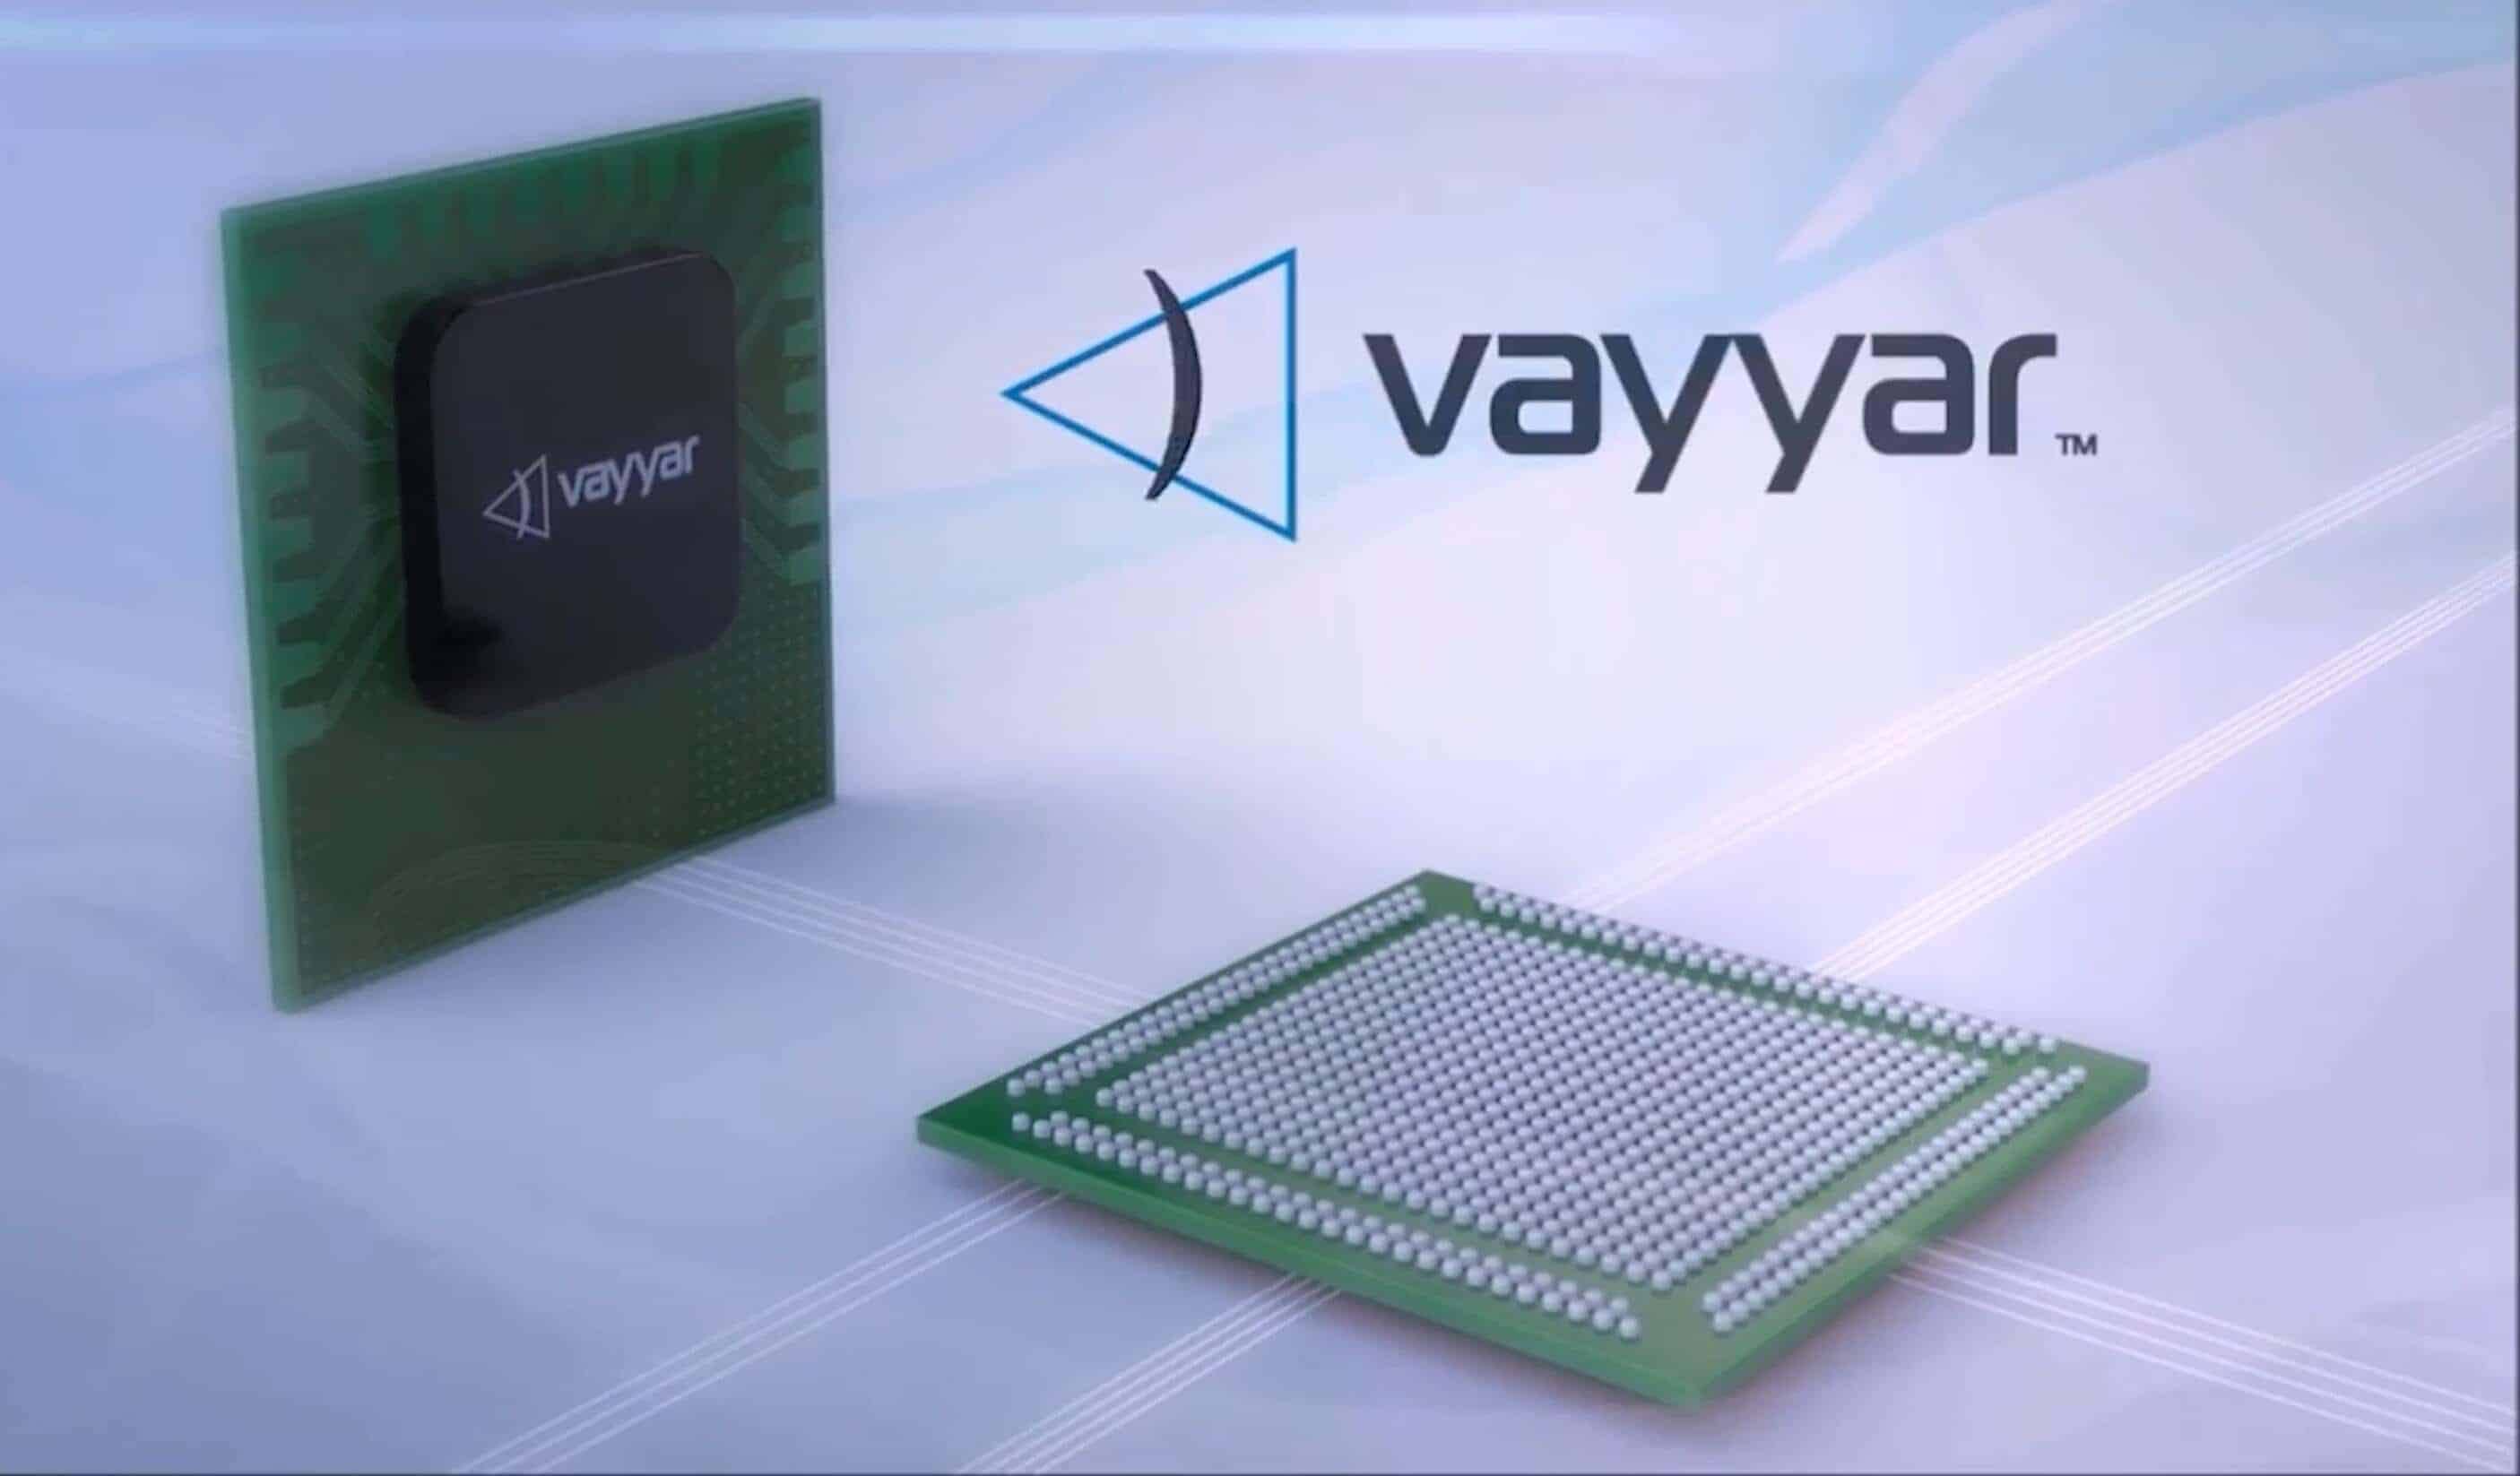 Vayyar Sensor CES 2018